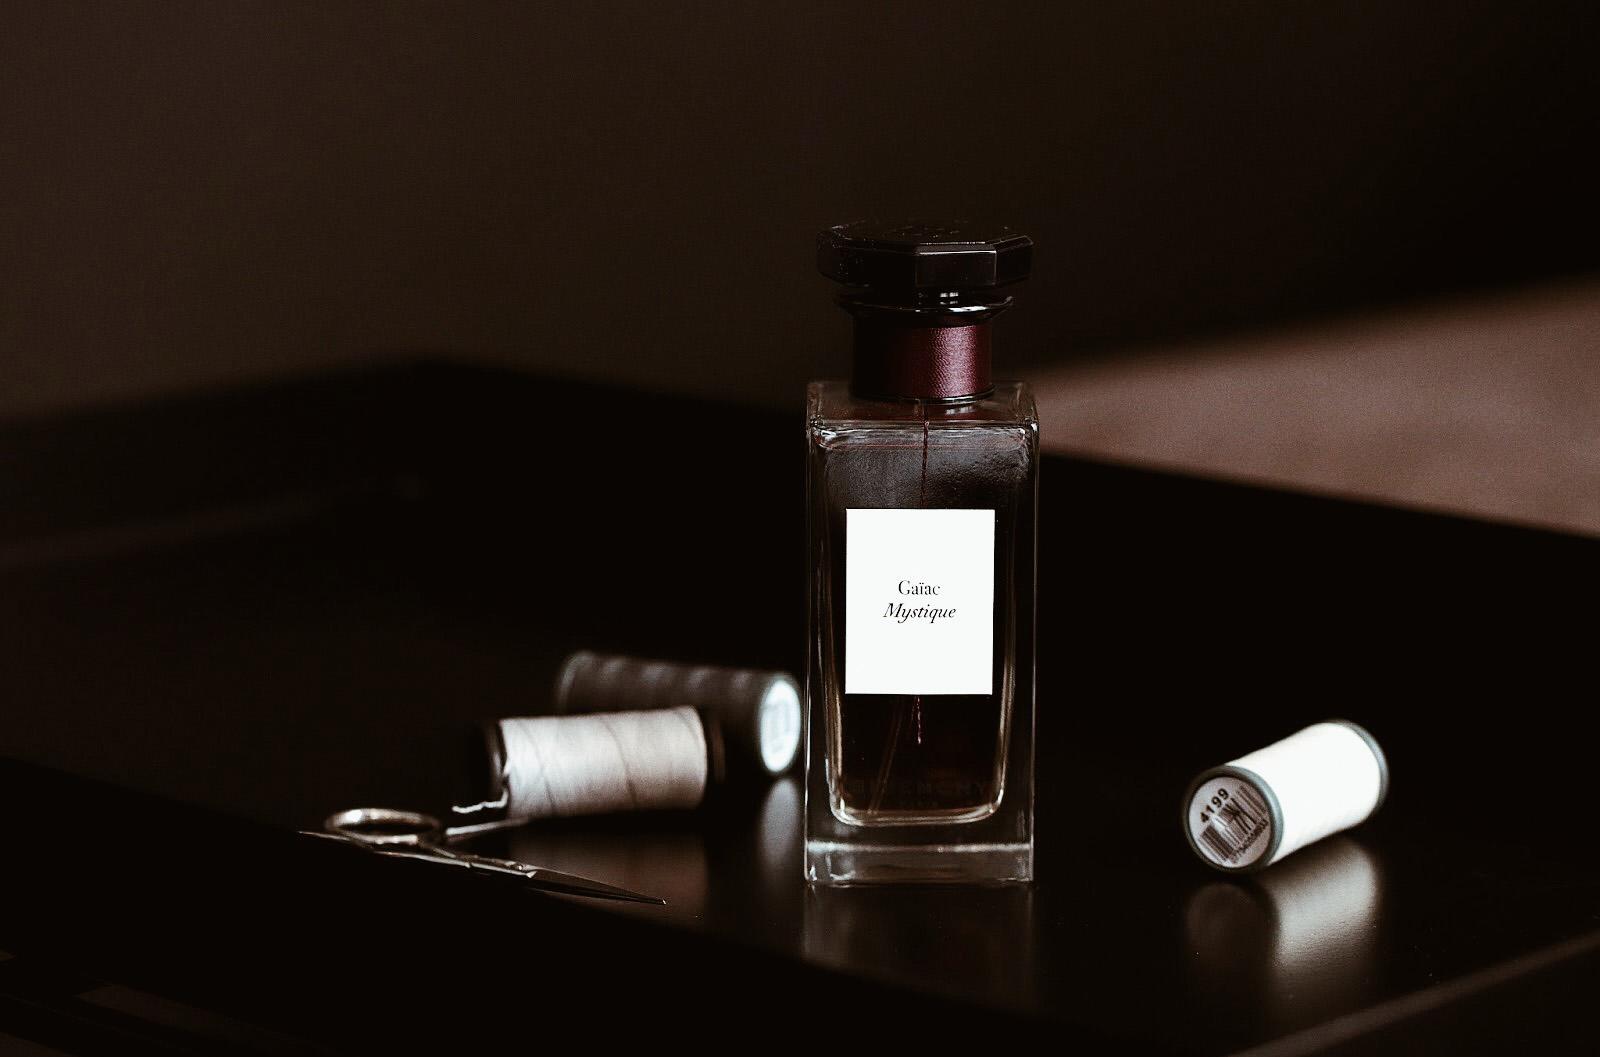 givenchy l'atelier parfums de niche avis test critique ambre tigré ylang austral immortelle tribal chypre caresse gaiac mystique avis